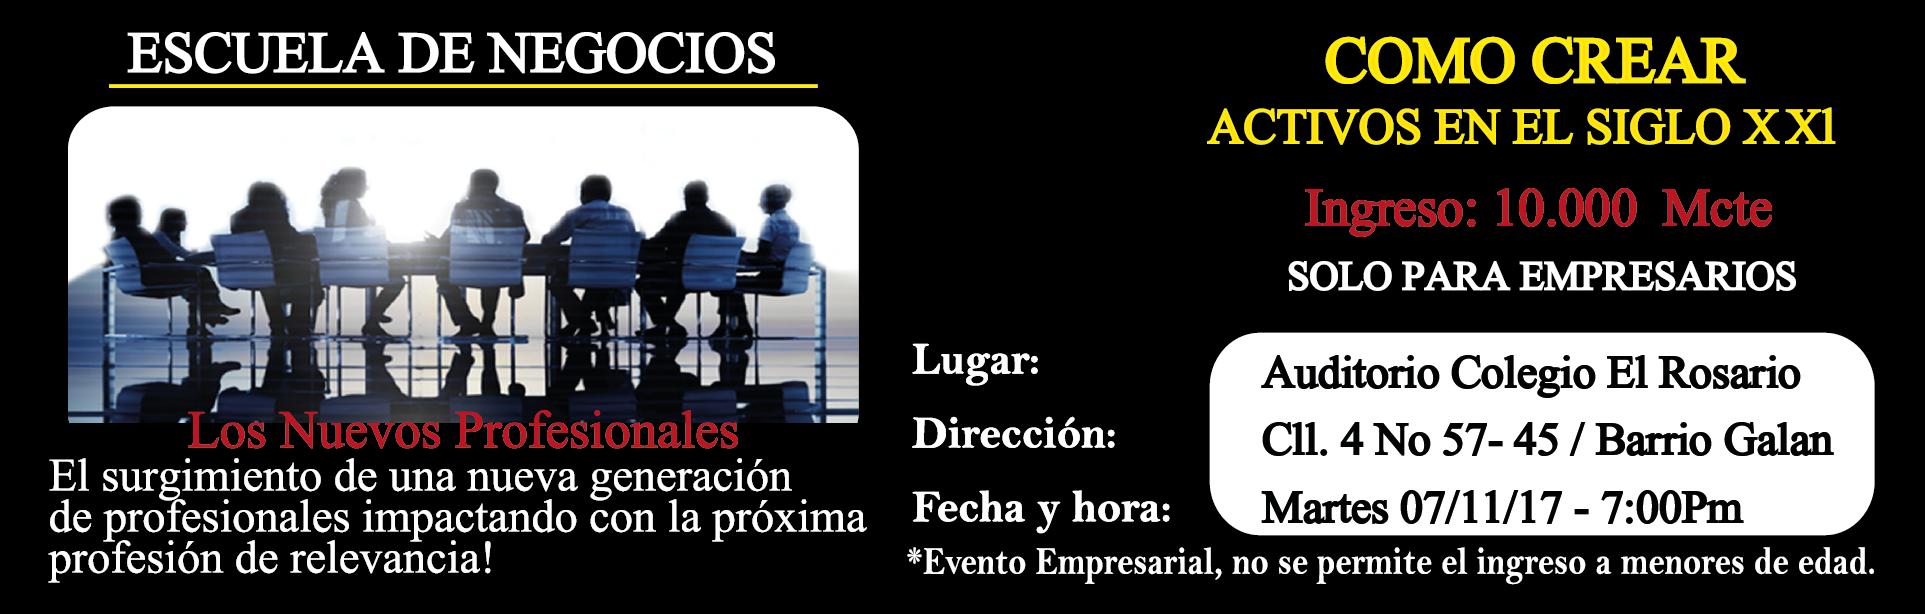 Boletas_junta_negocio_impresion-01-01